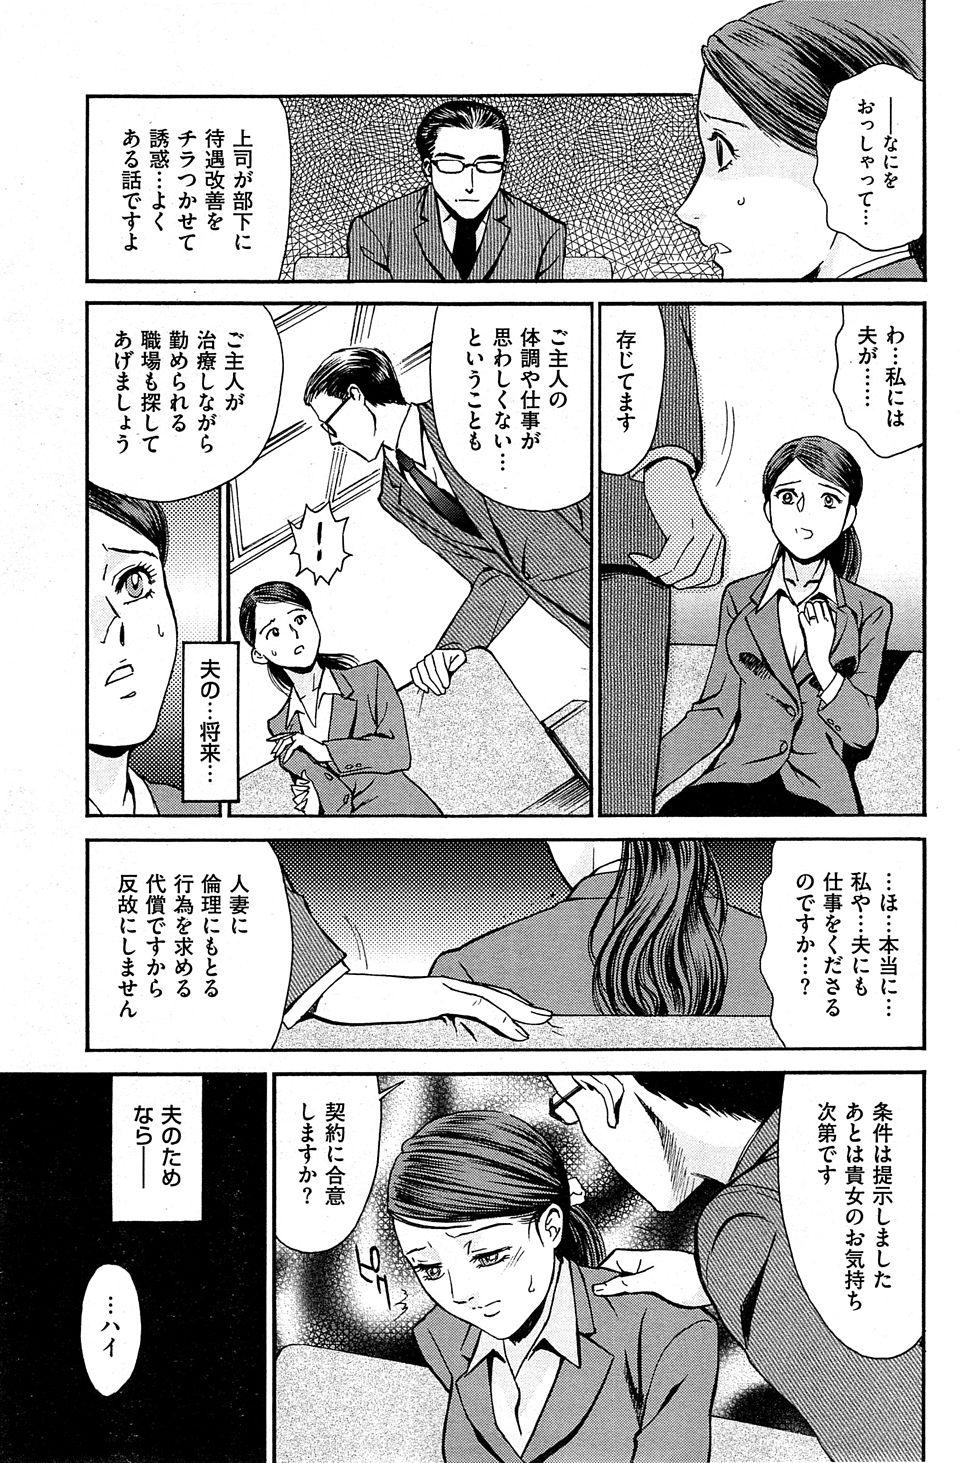 【エロ漫画・エロ同人誌】非常勤講師の巨乳人妻が契約更新の為にエッチしてるwww [ふじいあきこ] 牝の時間 FILE:01 (7)